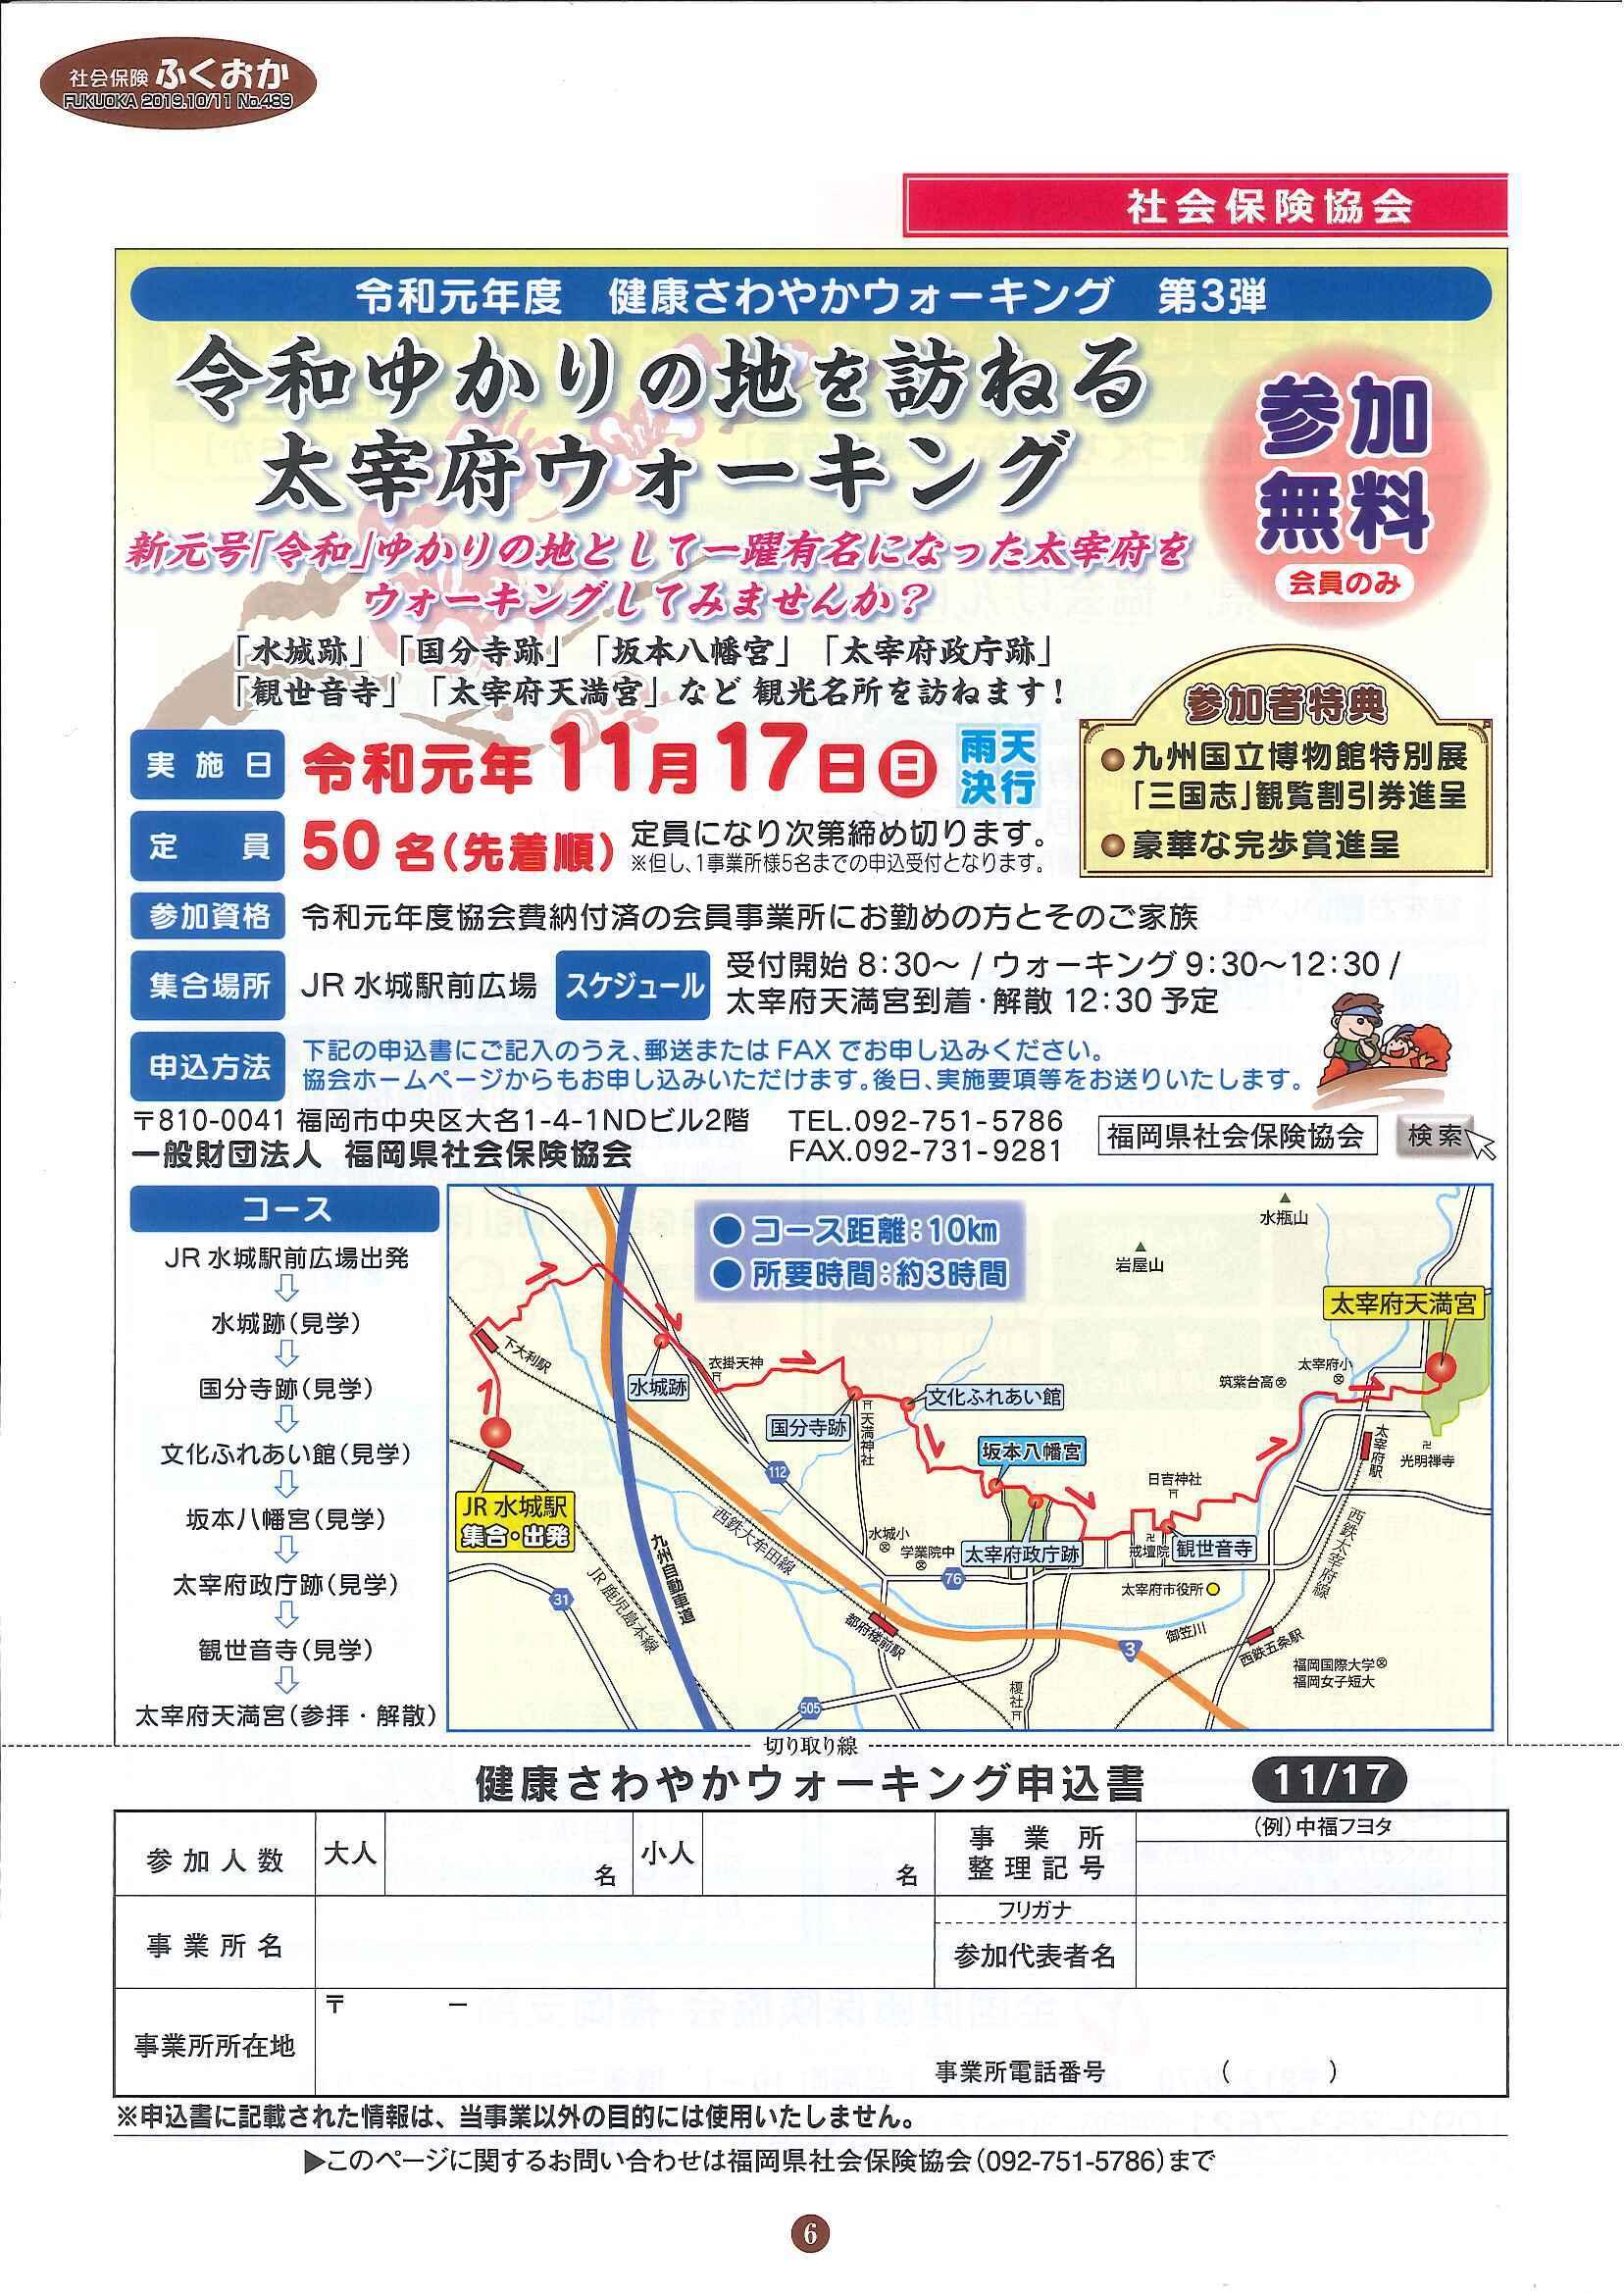 社会保険 ふくおか 2019年10・11月号_f0120774_11303930.jpg